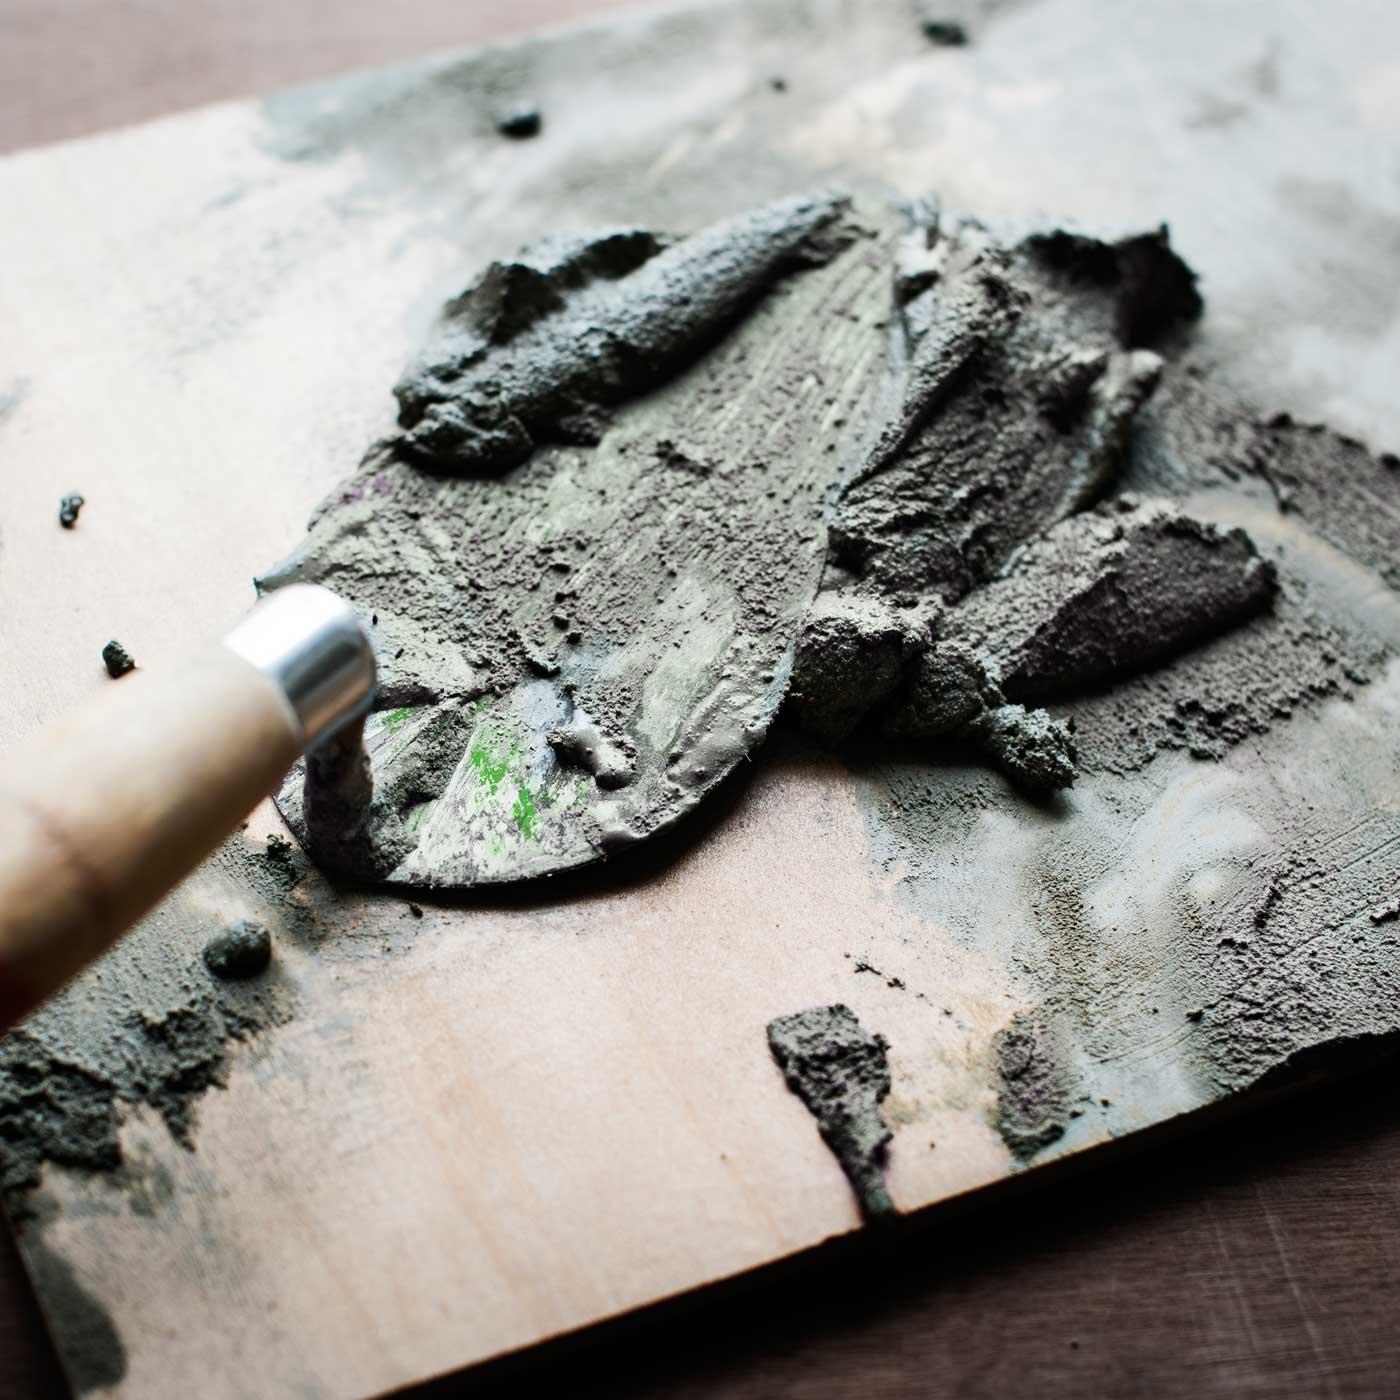 Zement im Einsatz auf Kelle und Holzbrett